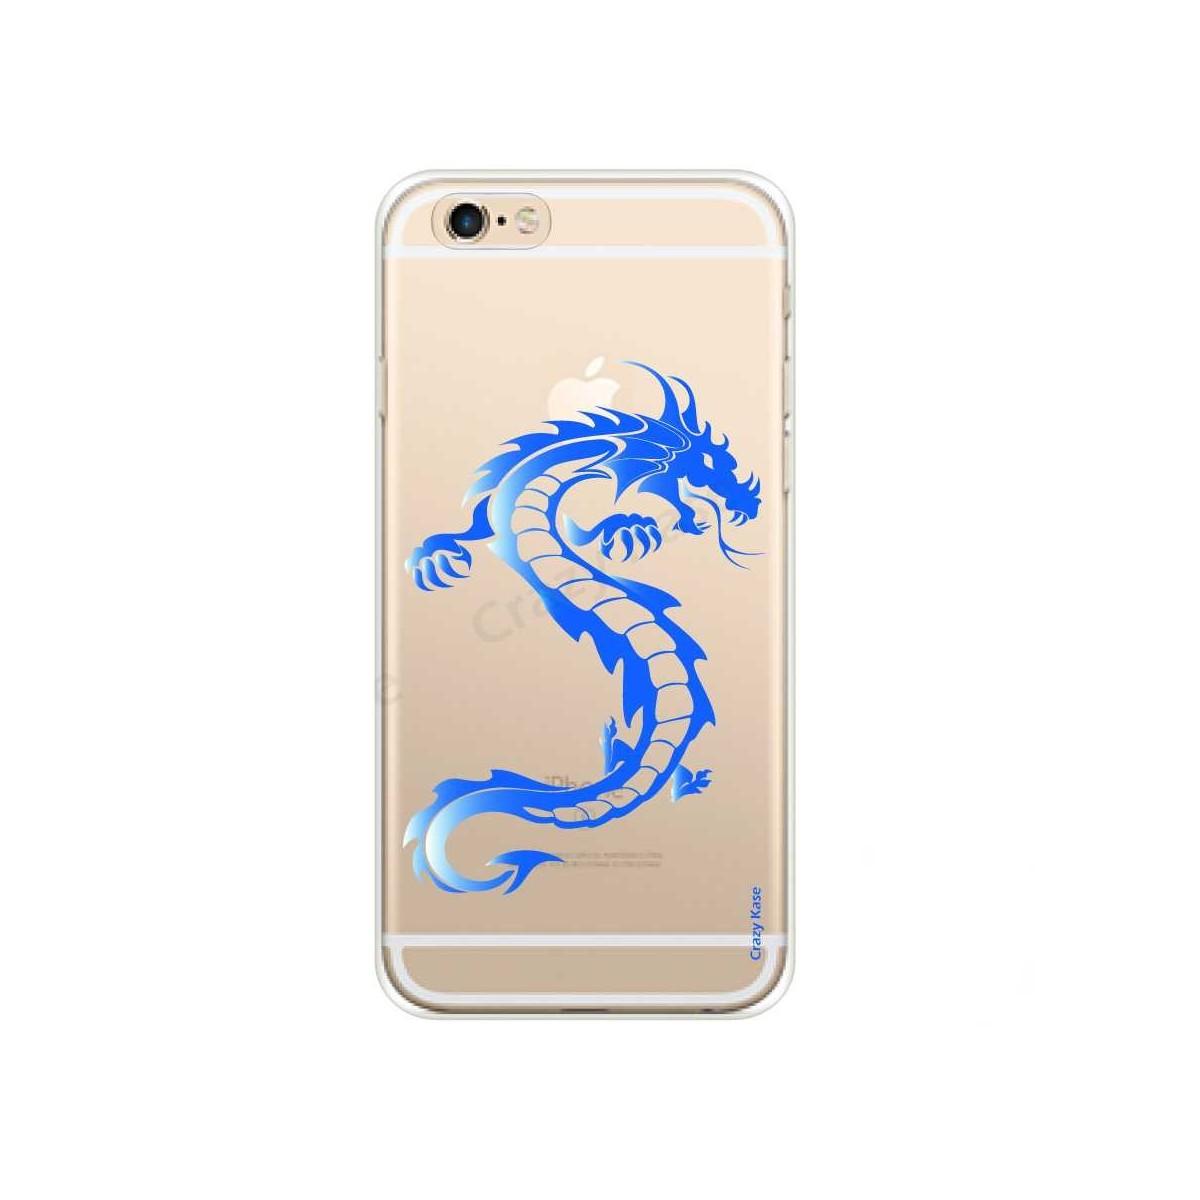 Coque souple motif Dragon bleu pour iPhone 6 Plus,iPhone 6s Plus - Crazy Kase